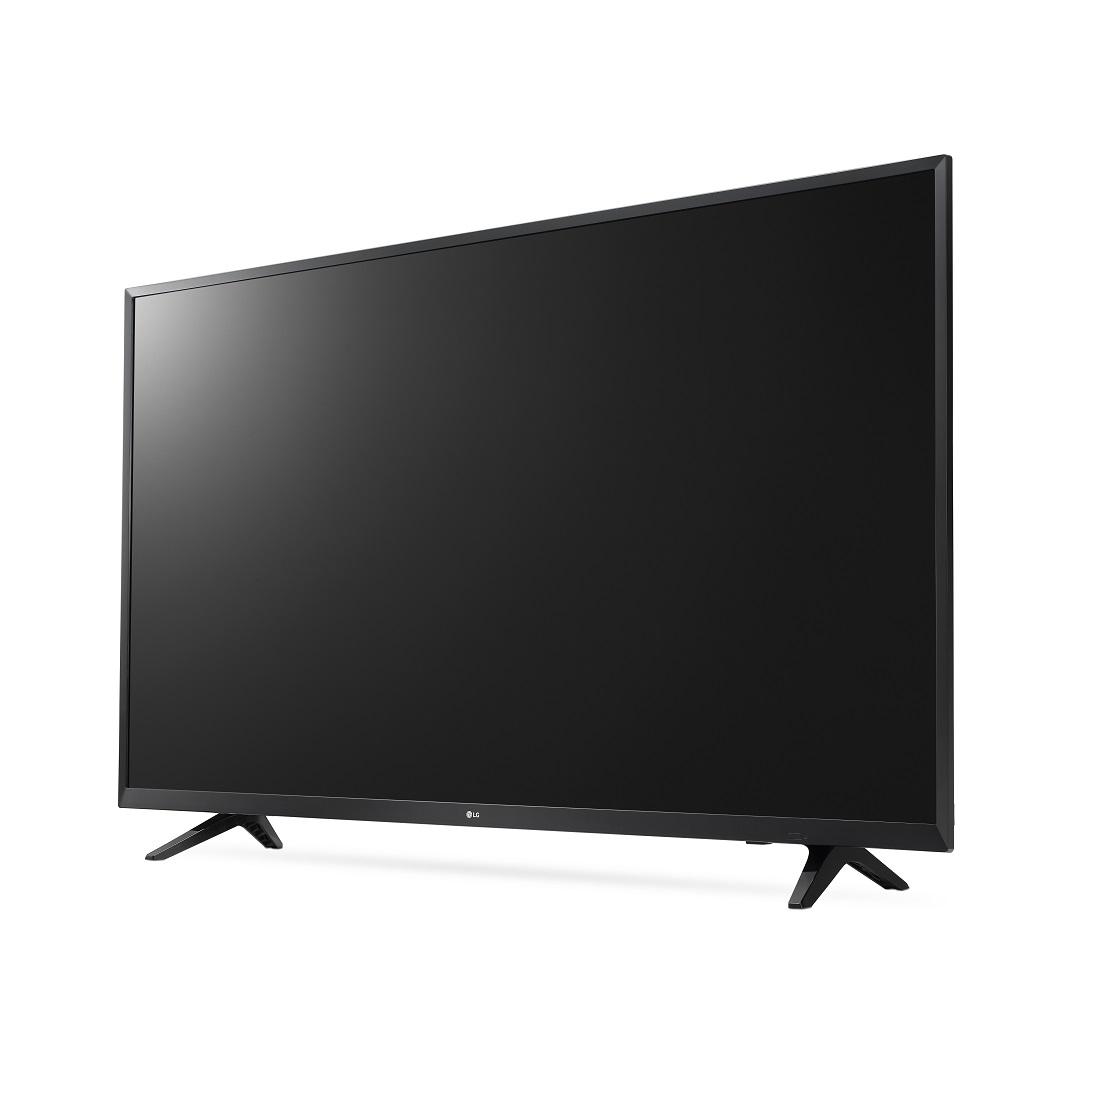 lg 43uj6200 43 4k uhd hdr led smart tv. Black Bedroom Furniture Sets. Home Design Ideas